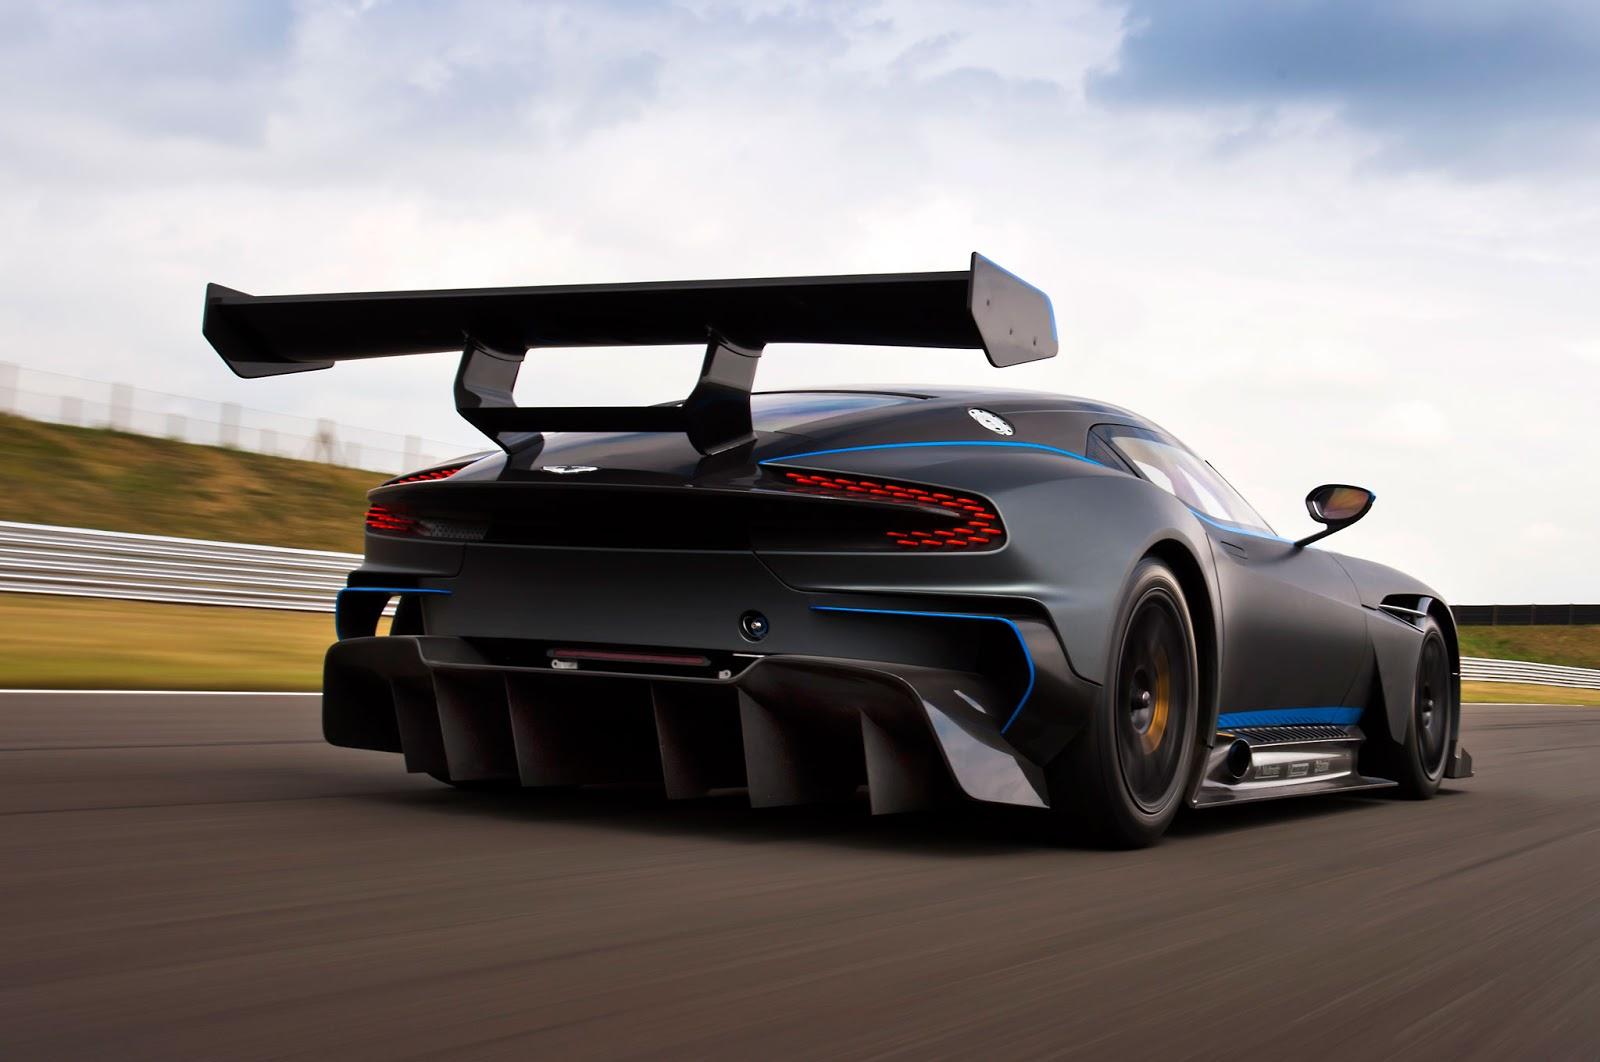 Carros Increibles Aston Martin Vulcan Especificaciones